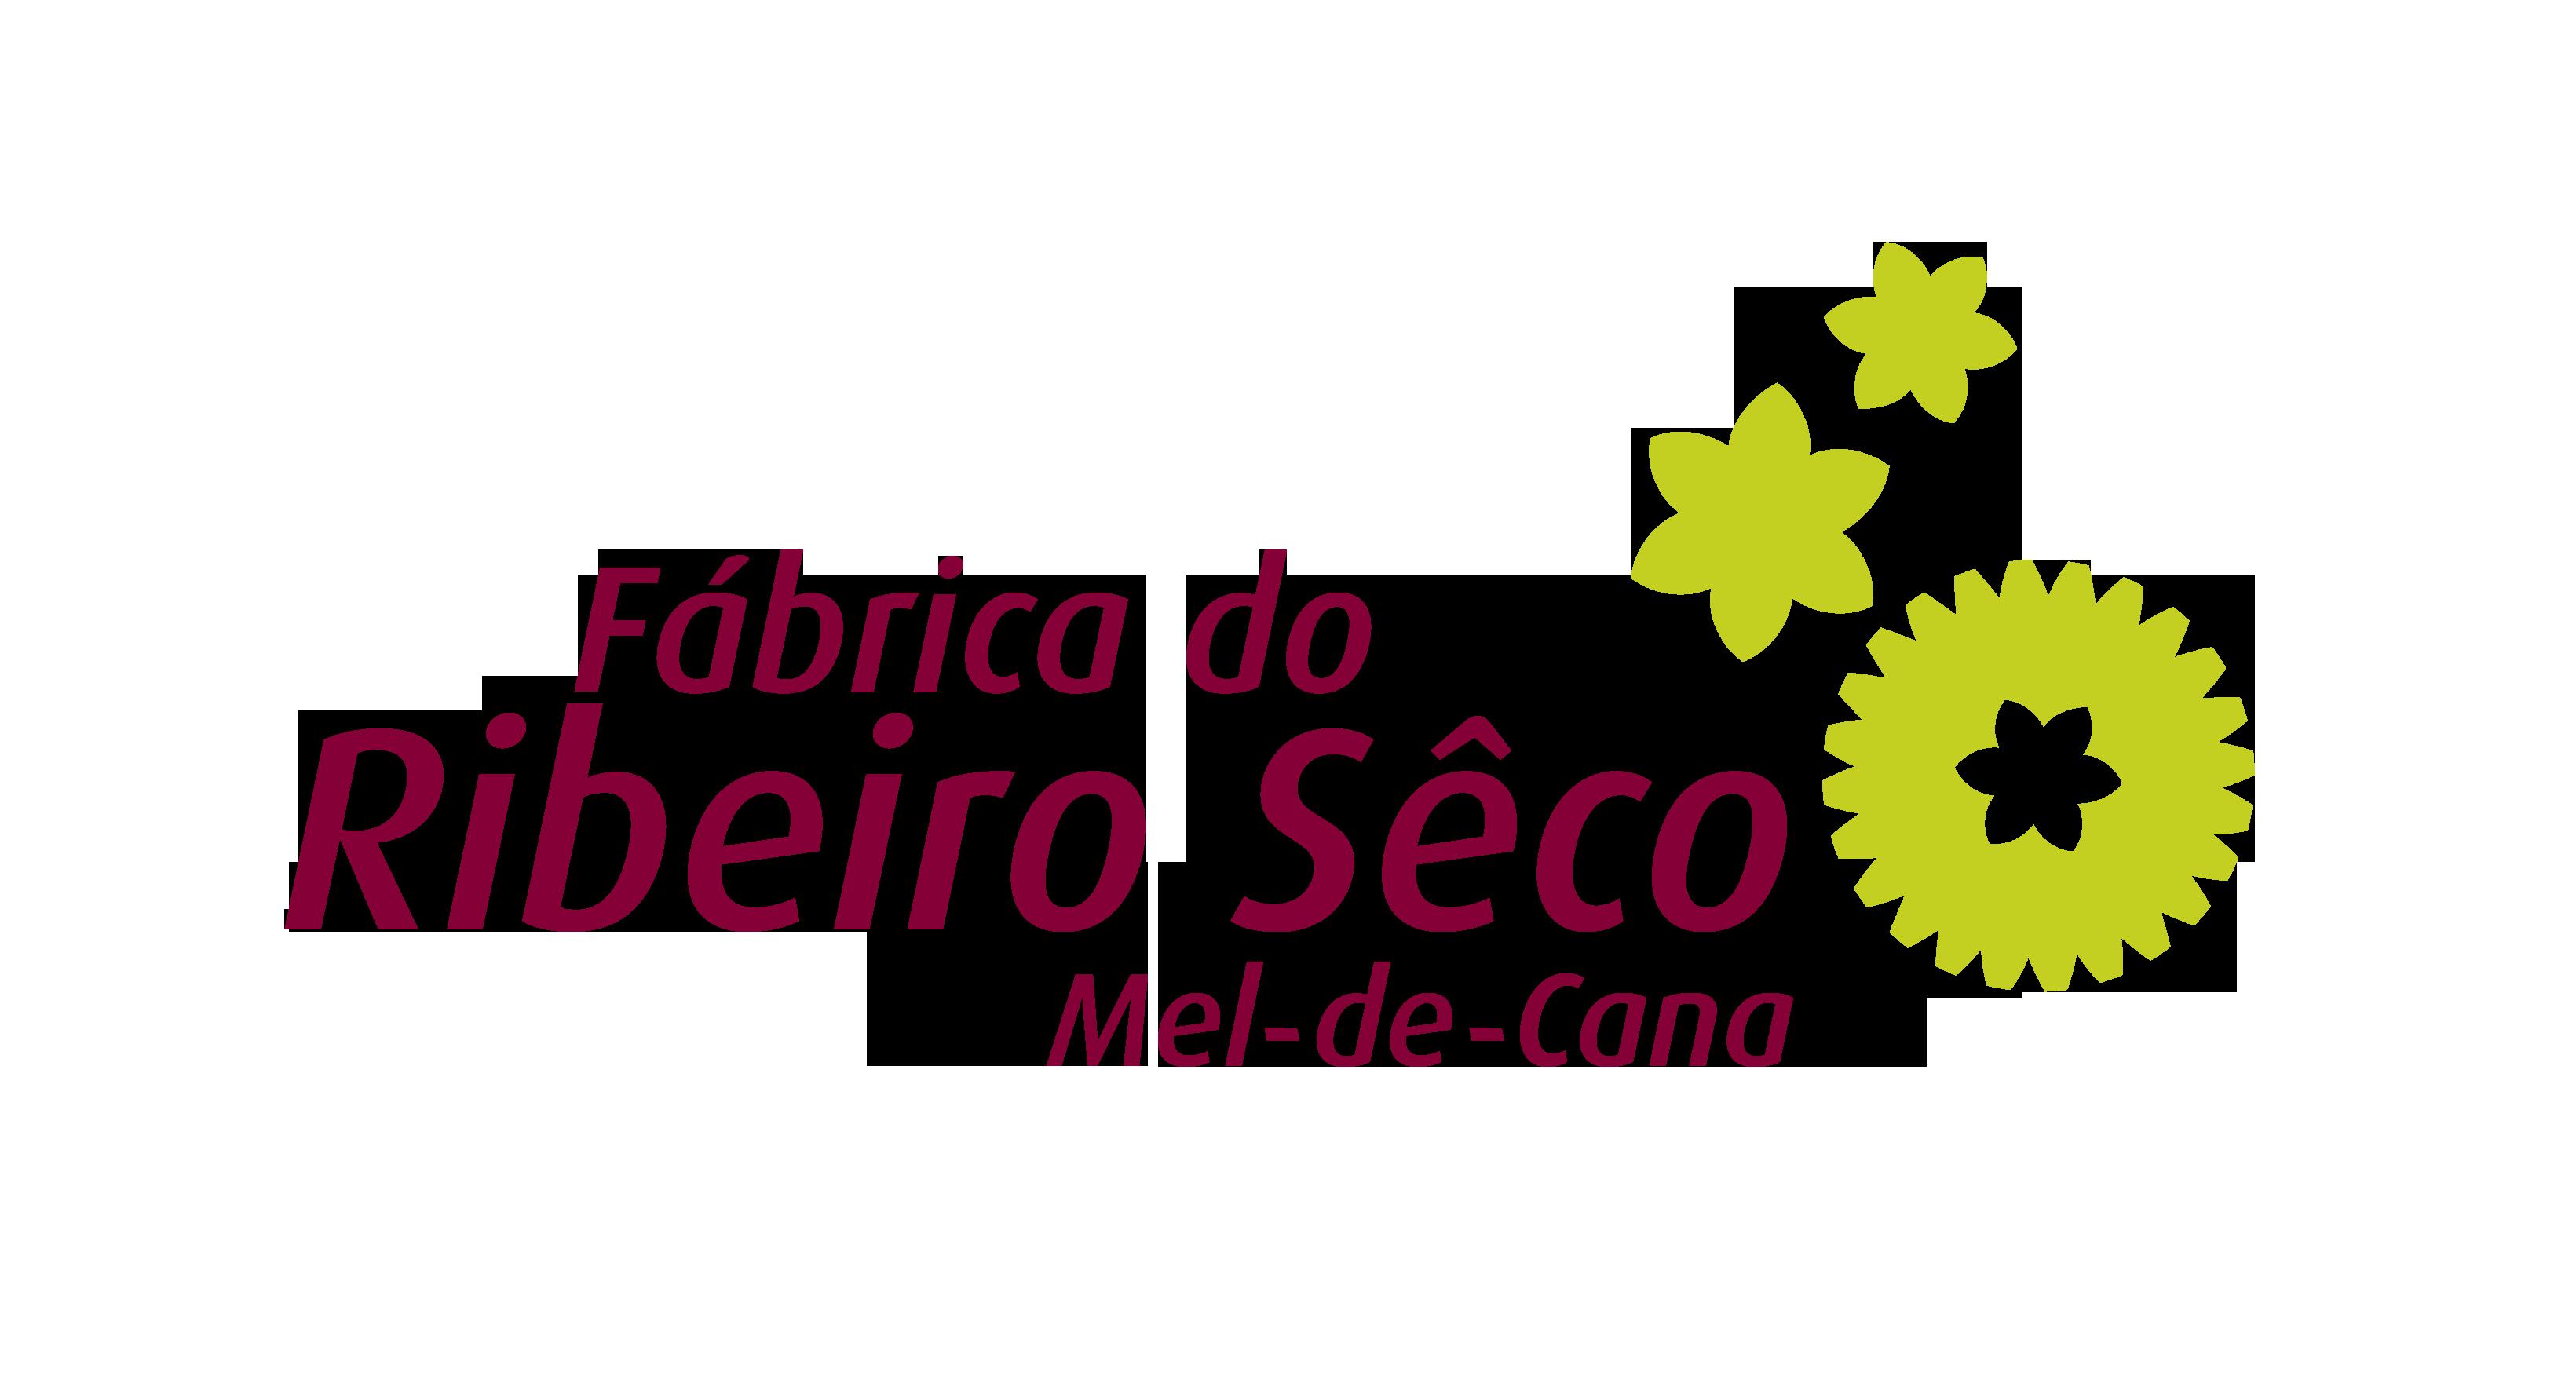 RIBEIRO SECO copy